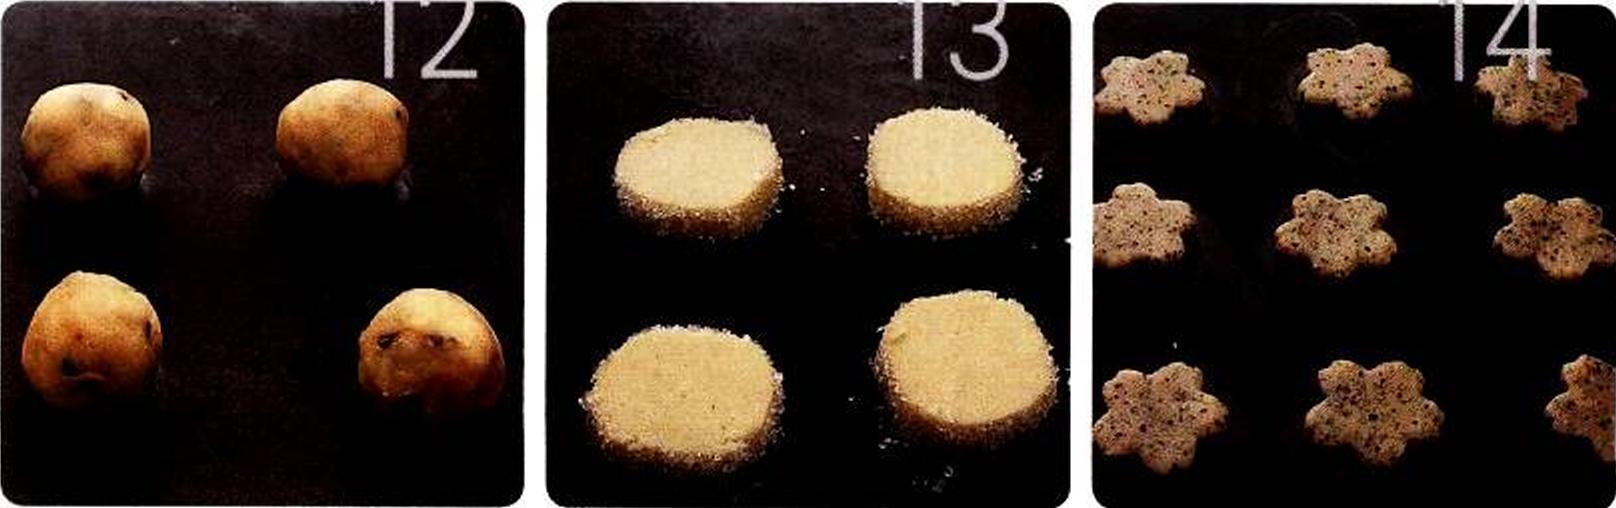 烘焙入门食谱饼干制作详解